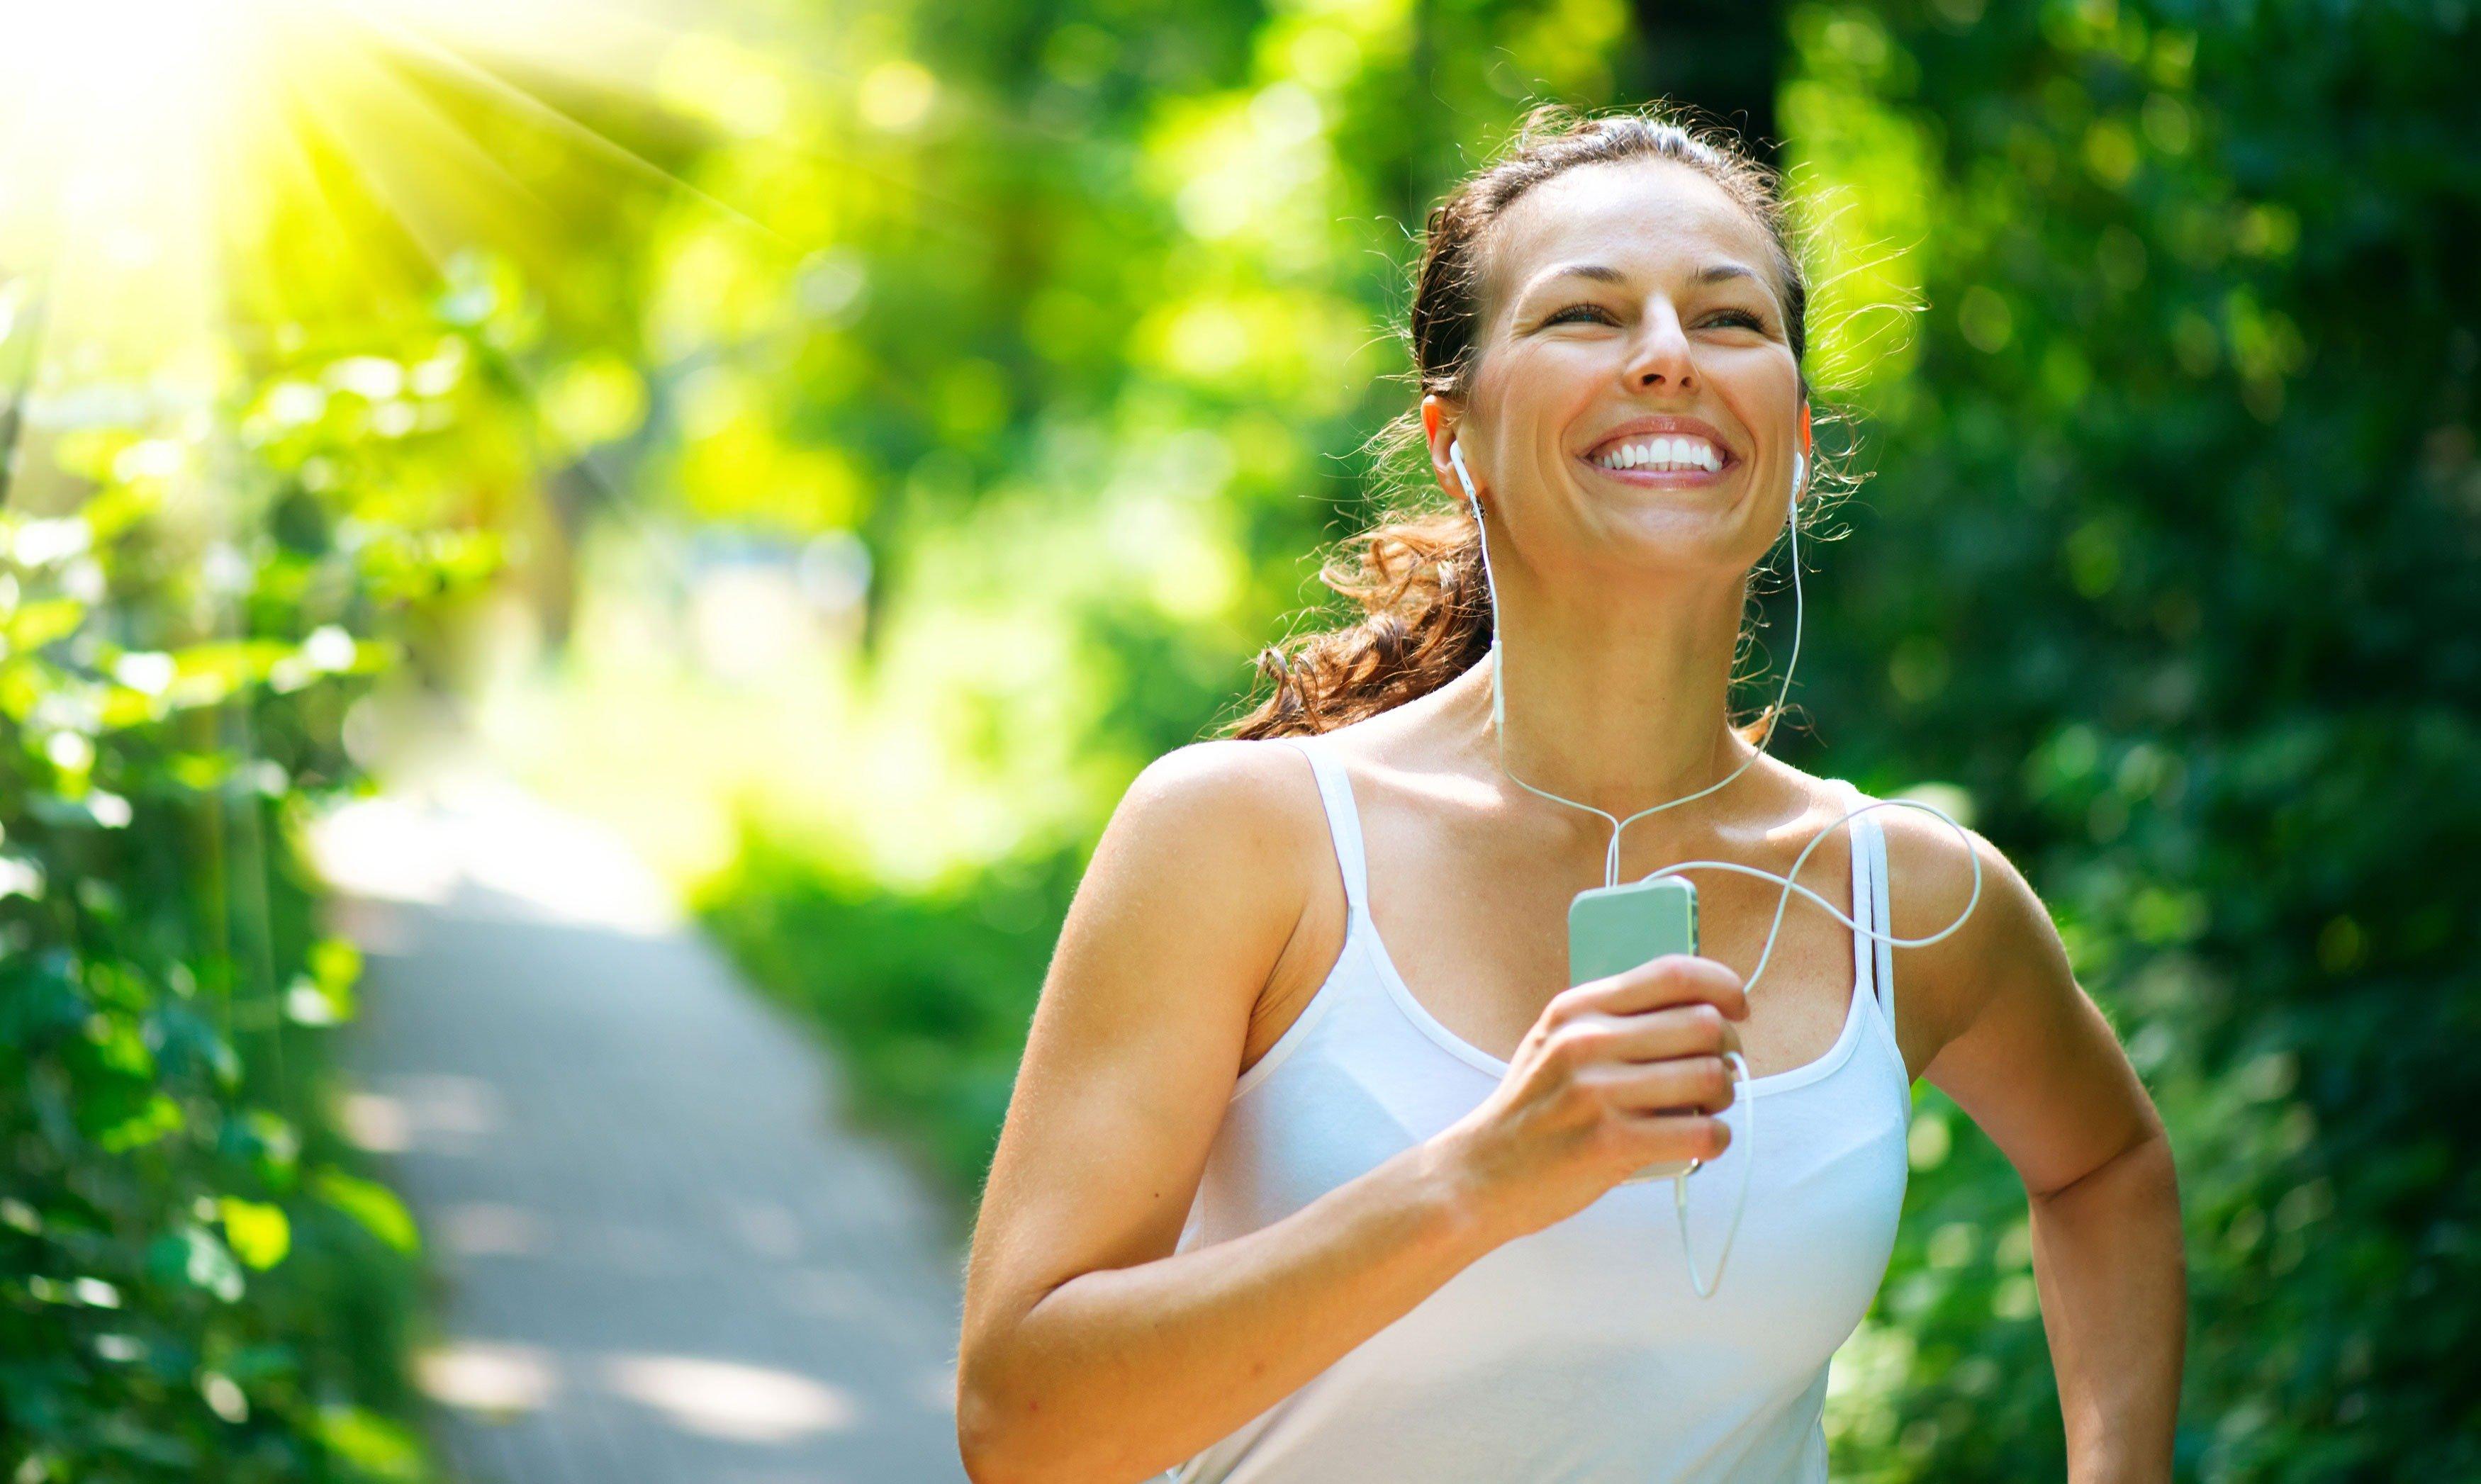 картинки укрепляющие здоровье